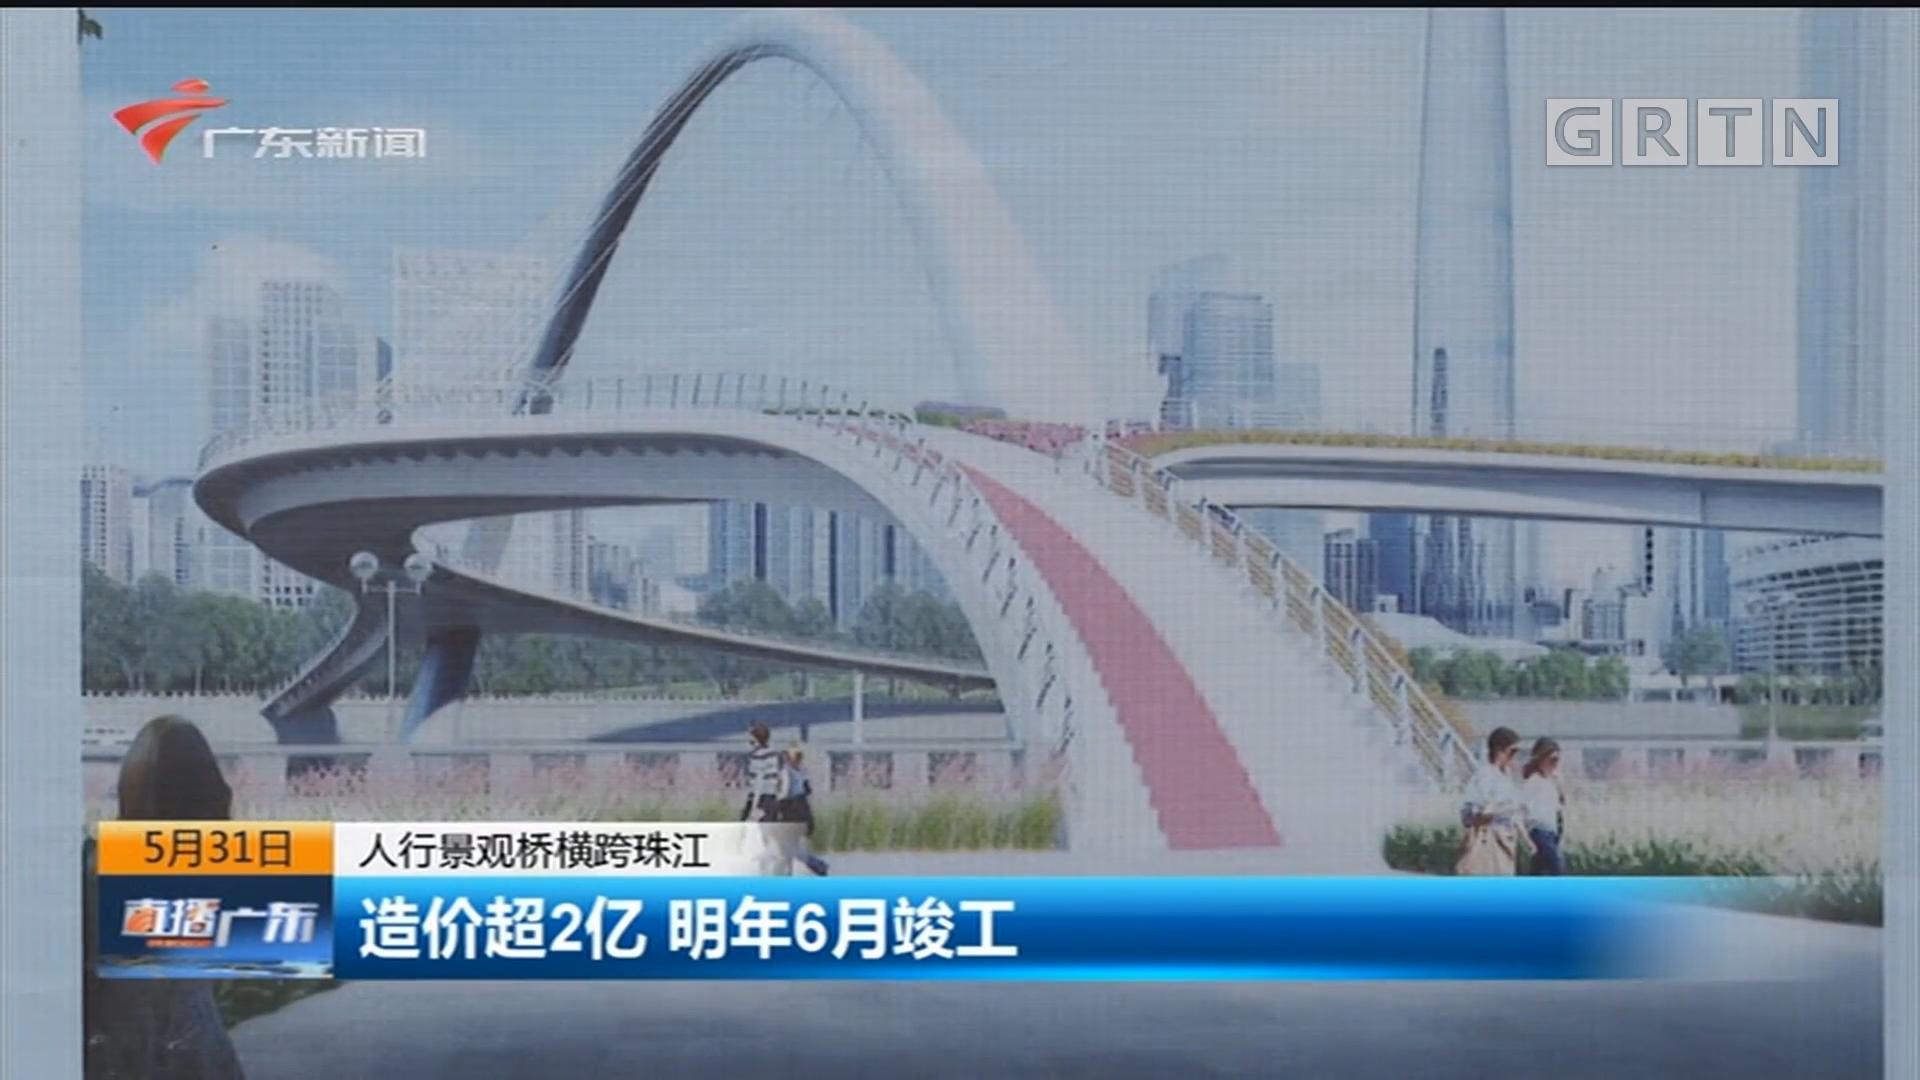 人行景观桥横跨珠江 造价超2亿 明年6月竣工